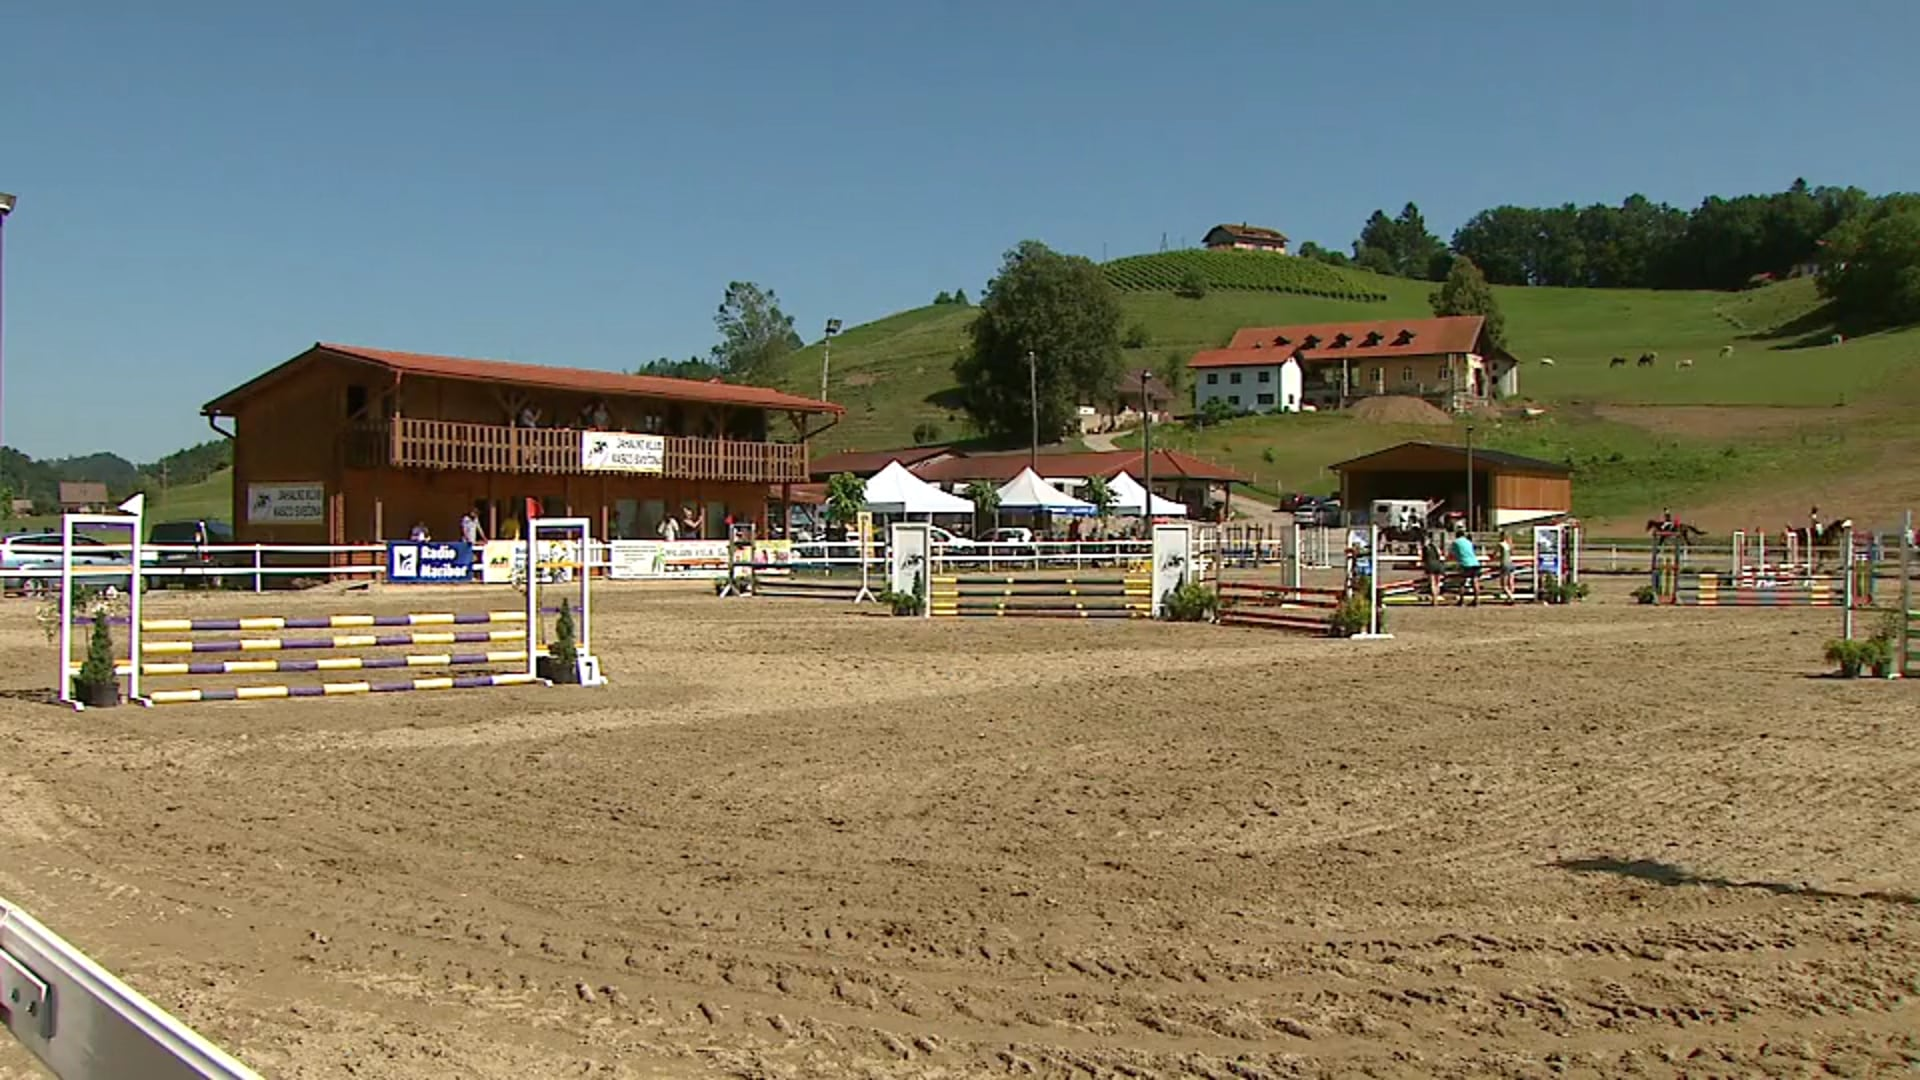 Tekmovanje v preskakovanju ovir s konji